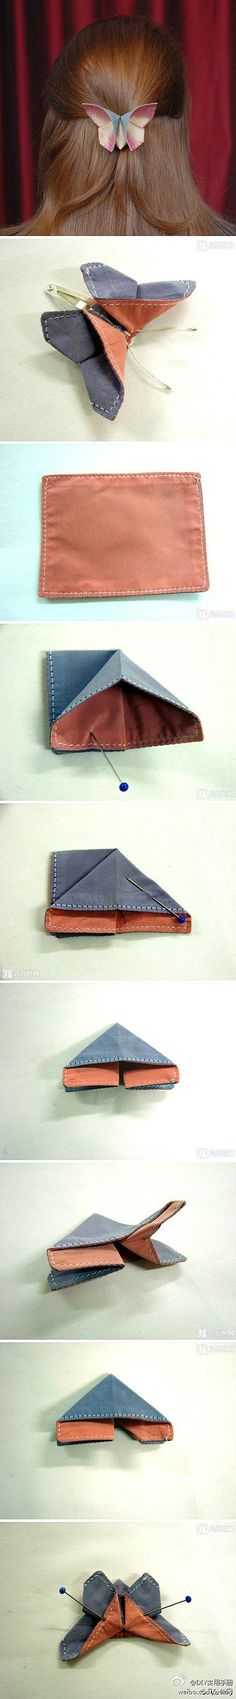 DIY – butterfly